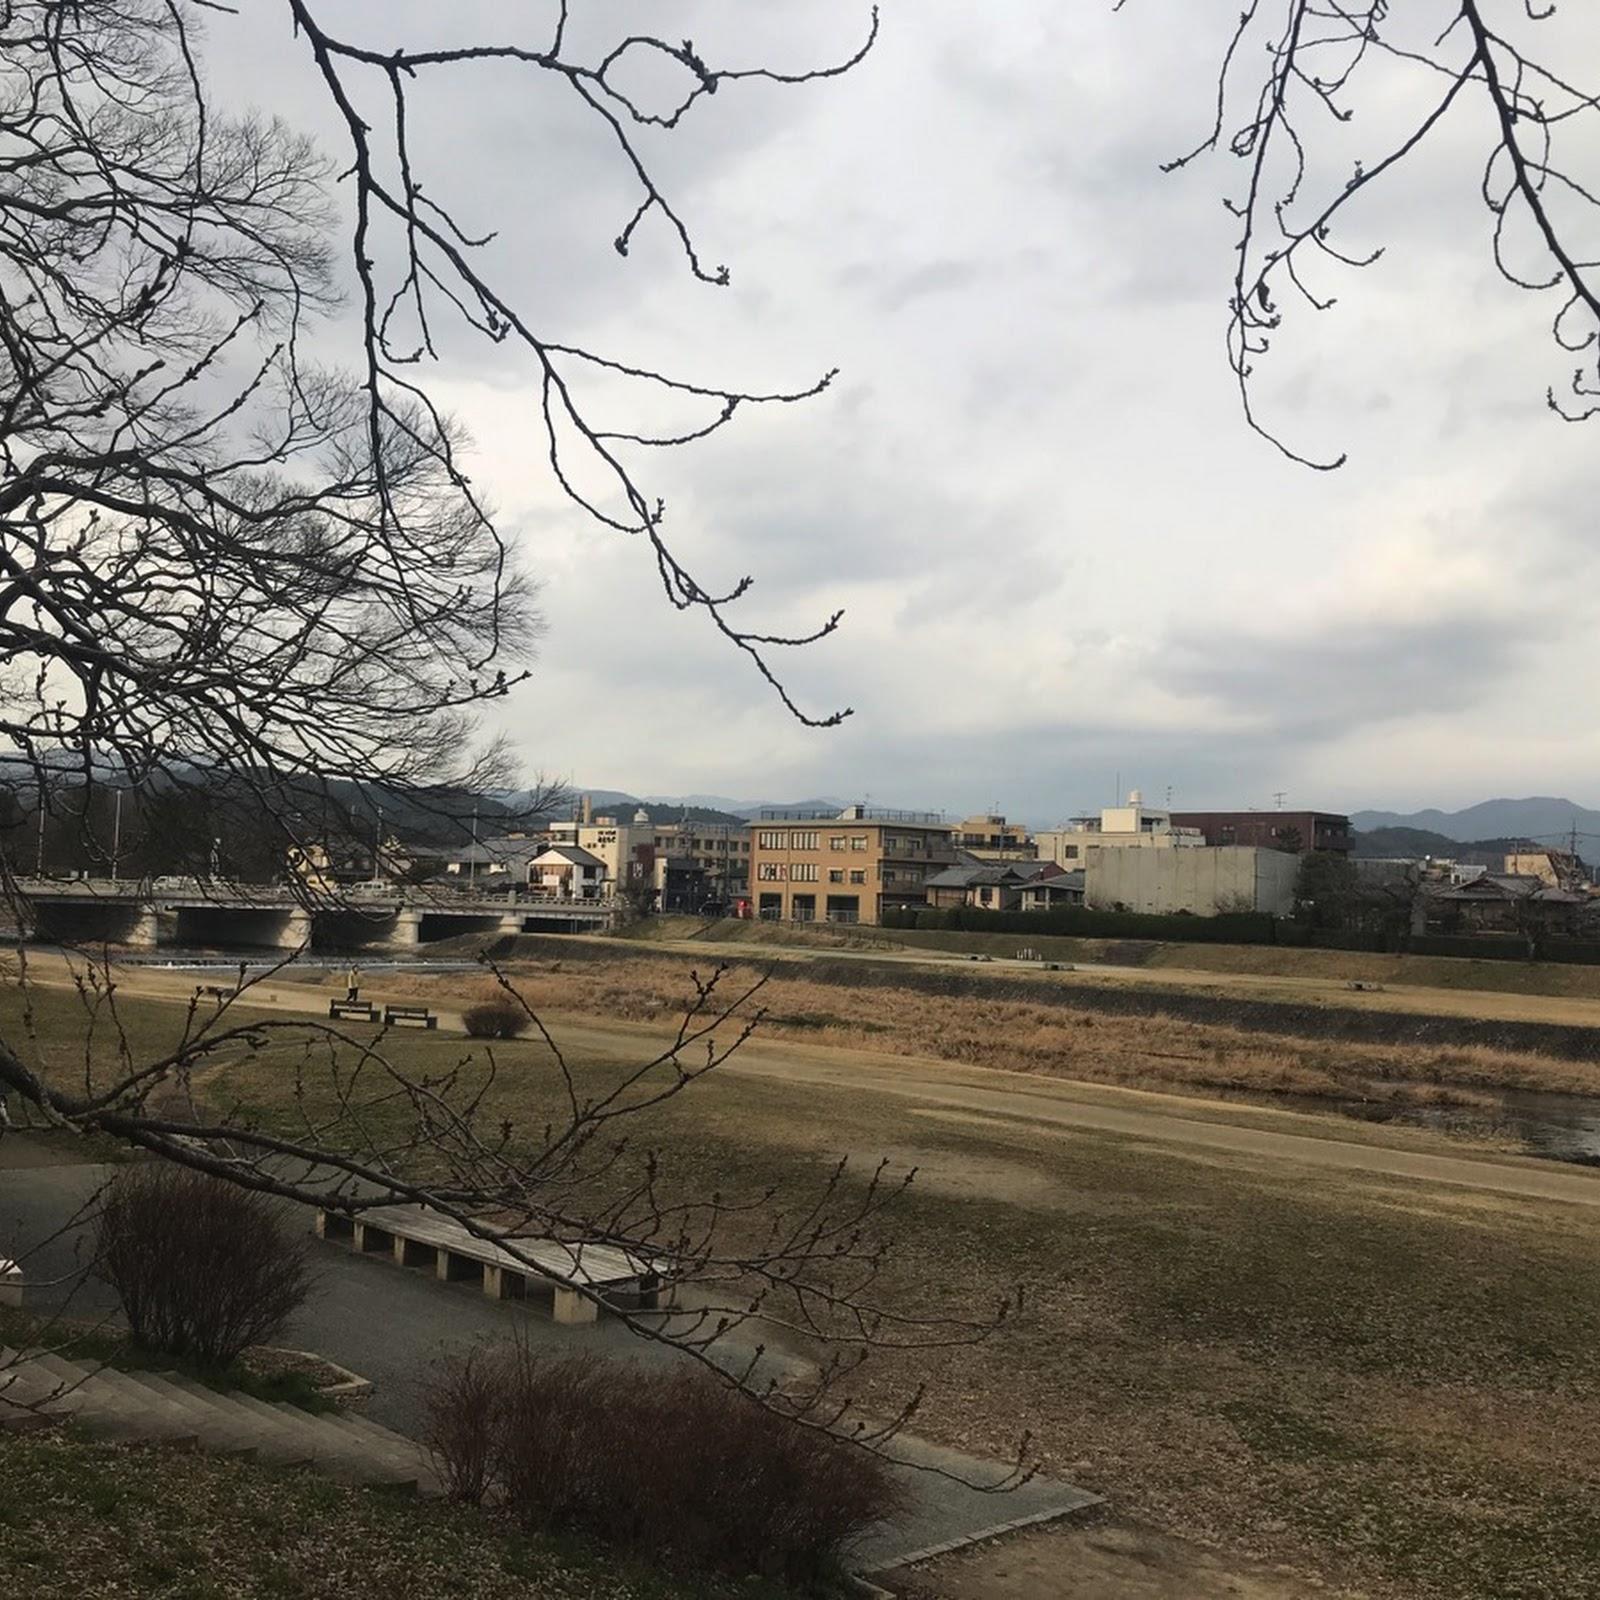 老娘遊記 2018 (06 – 16 March) @ 關西行程篇: 電動單車遊京都 2 & 京都勝牛